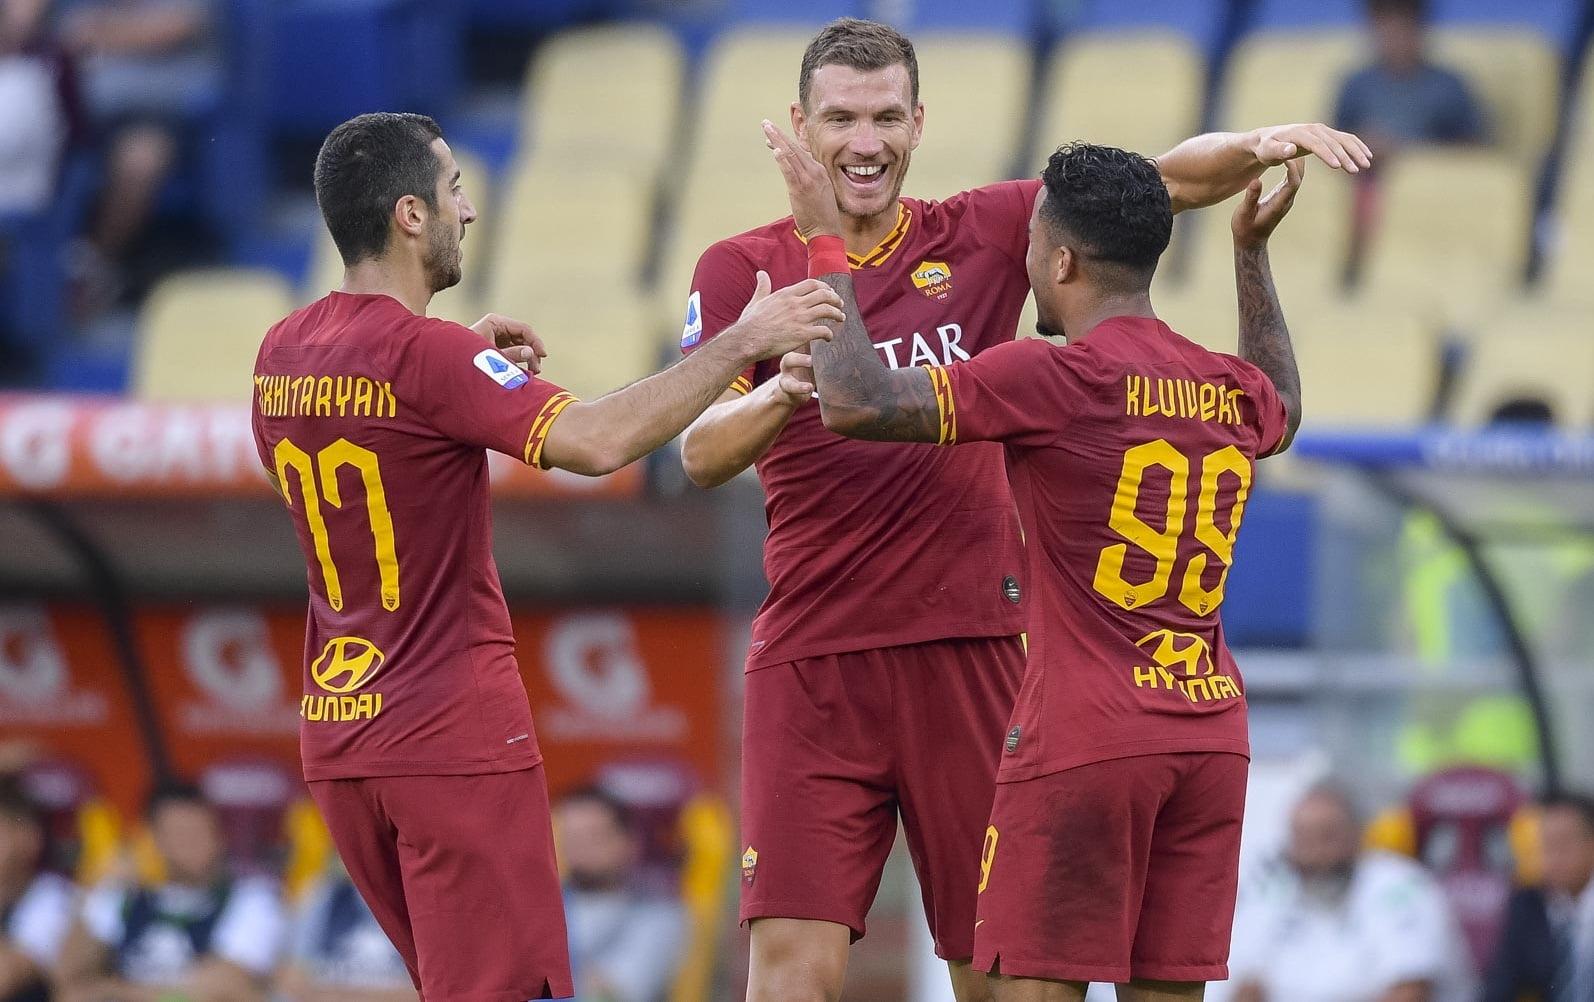 موعد مباراة روما وولفسبيرجر في الدوري الأوروبي والقنوات الناقلة